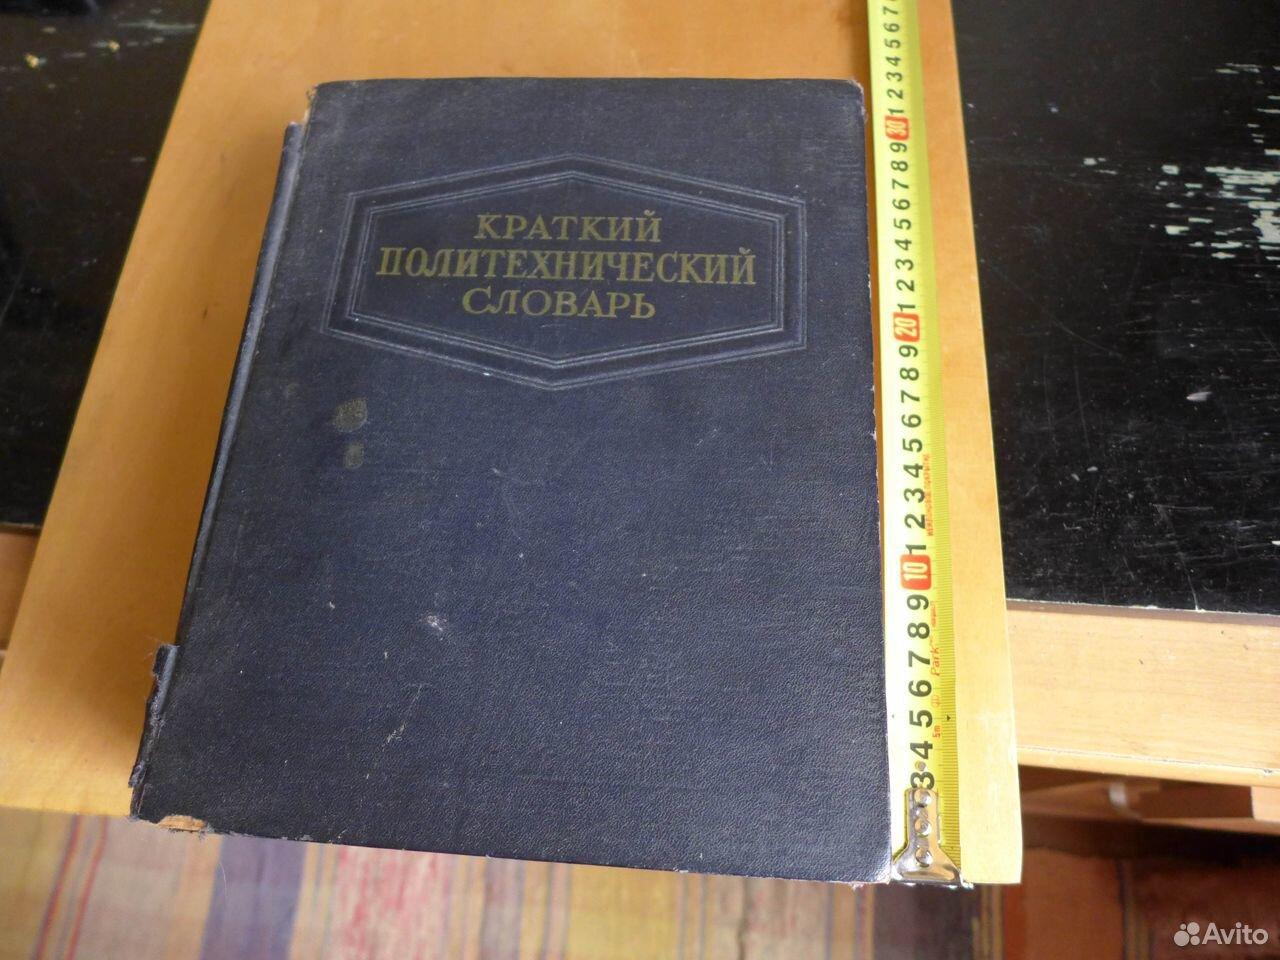 Краткий политехническмй словарь  89009153030 купить 1